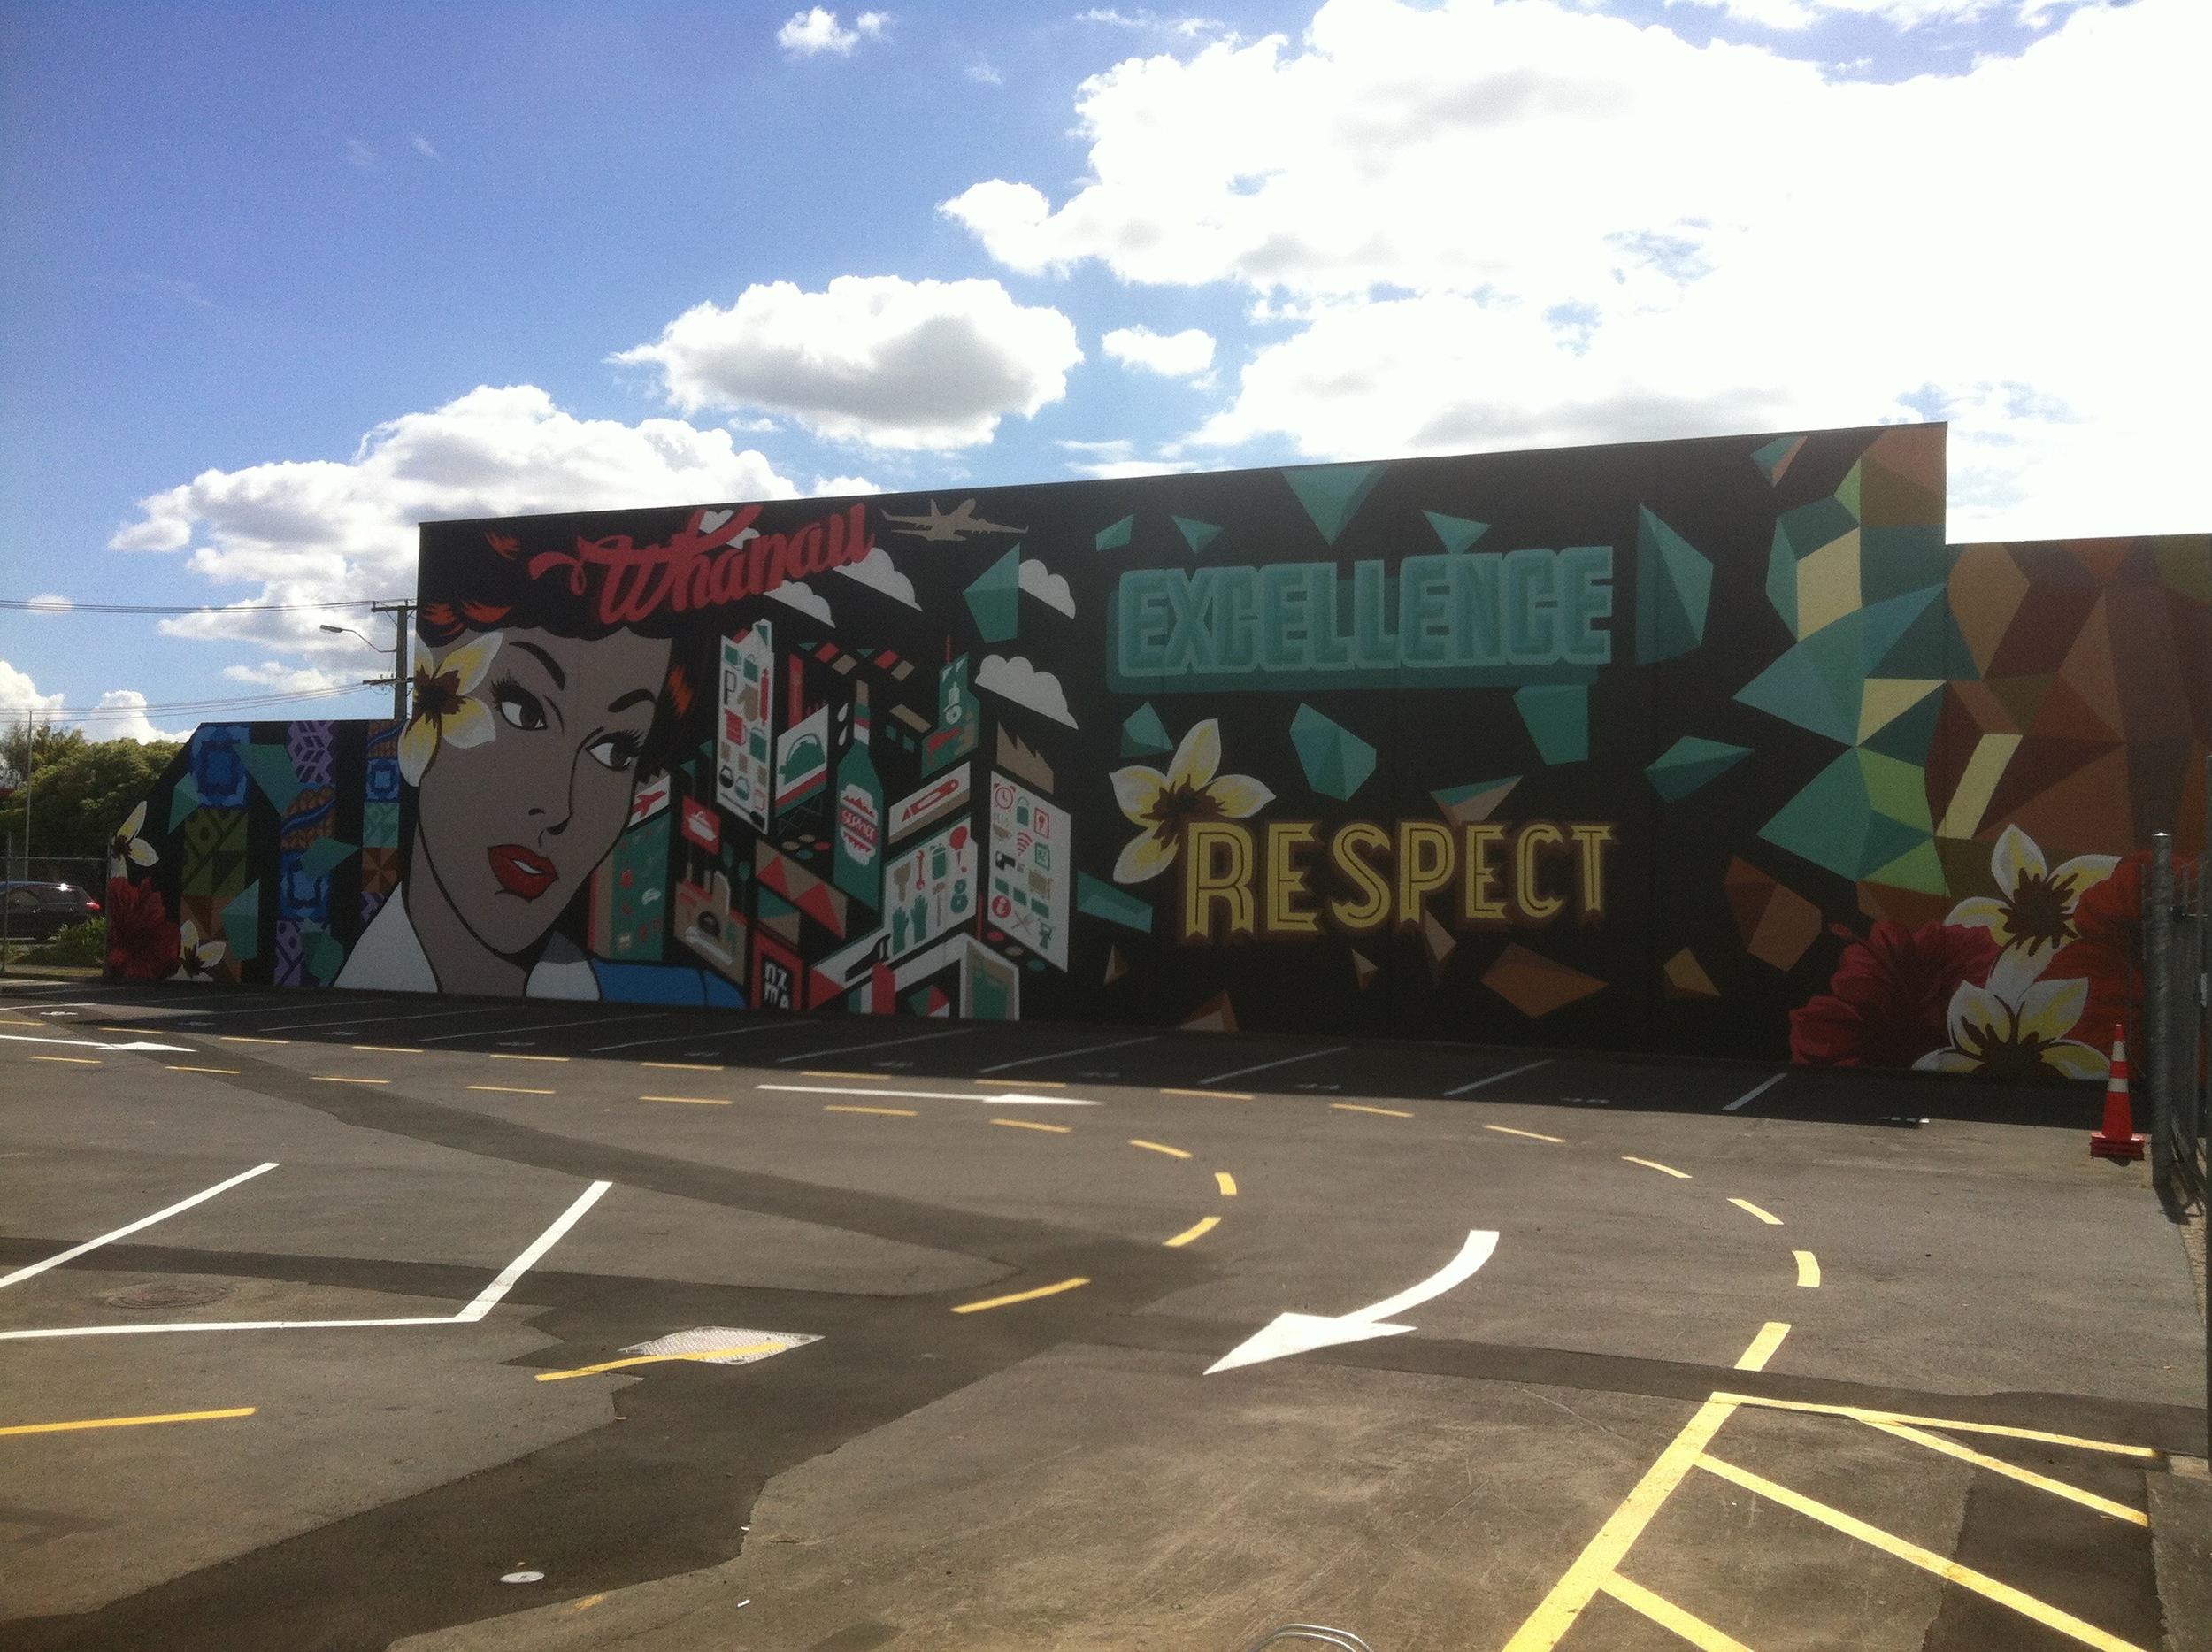 NZMA sylvia park Auckland 2014 -cut collective wall